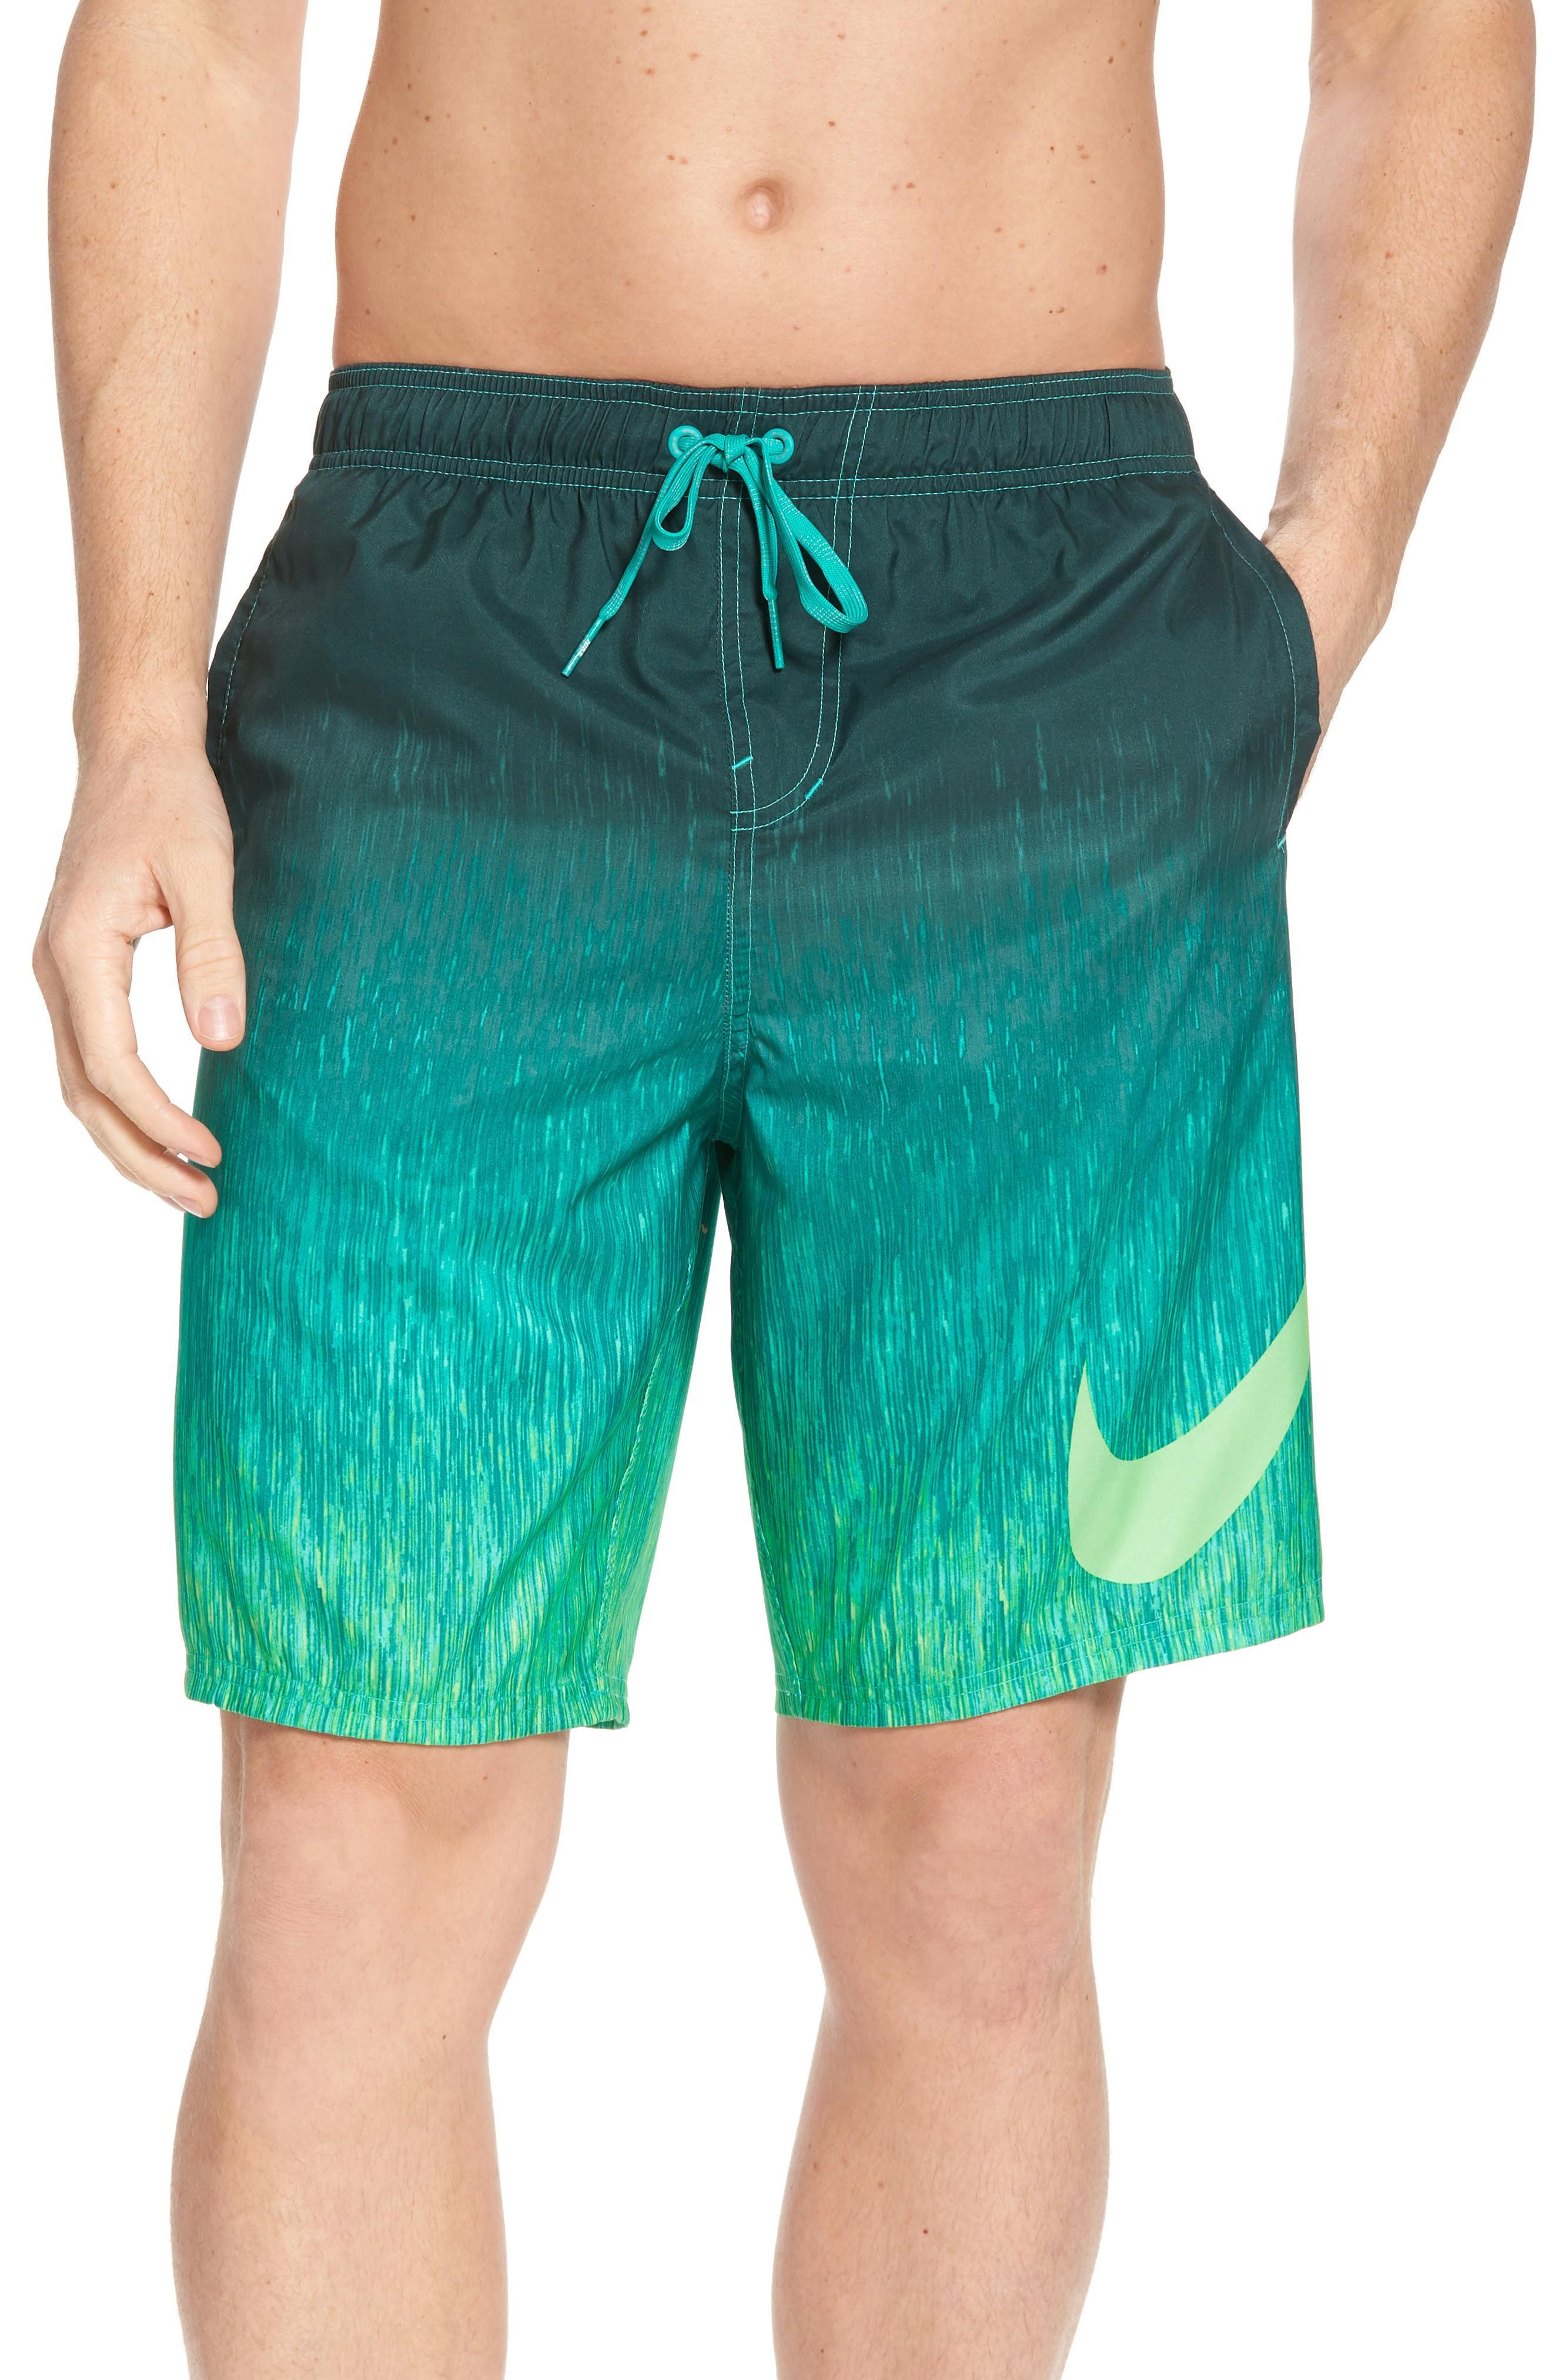 Nike Breaker Swim Trunks In Clear Emerald